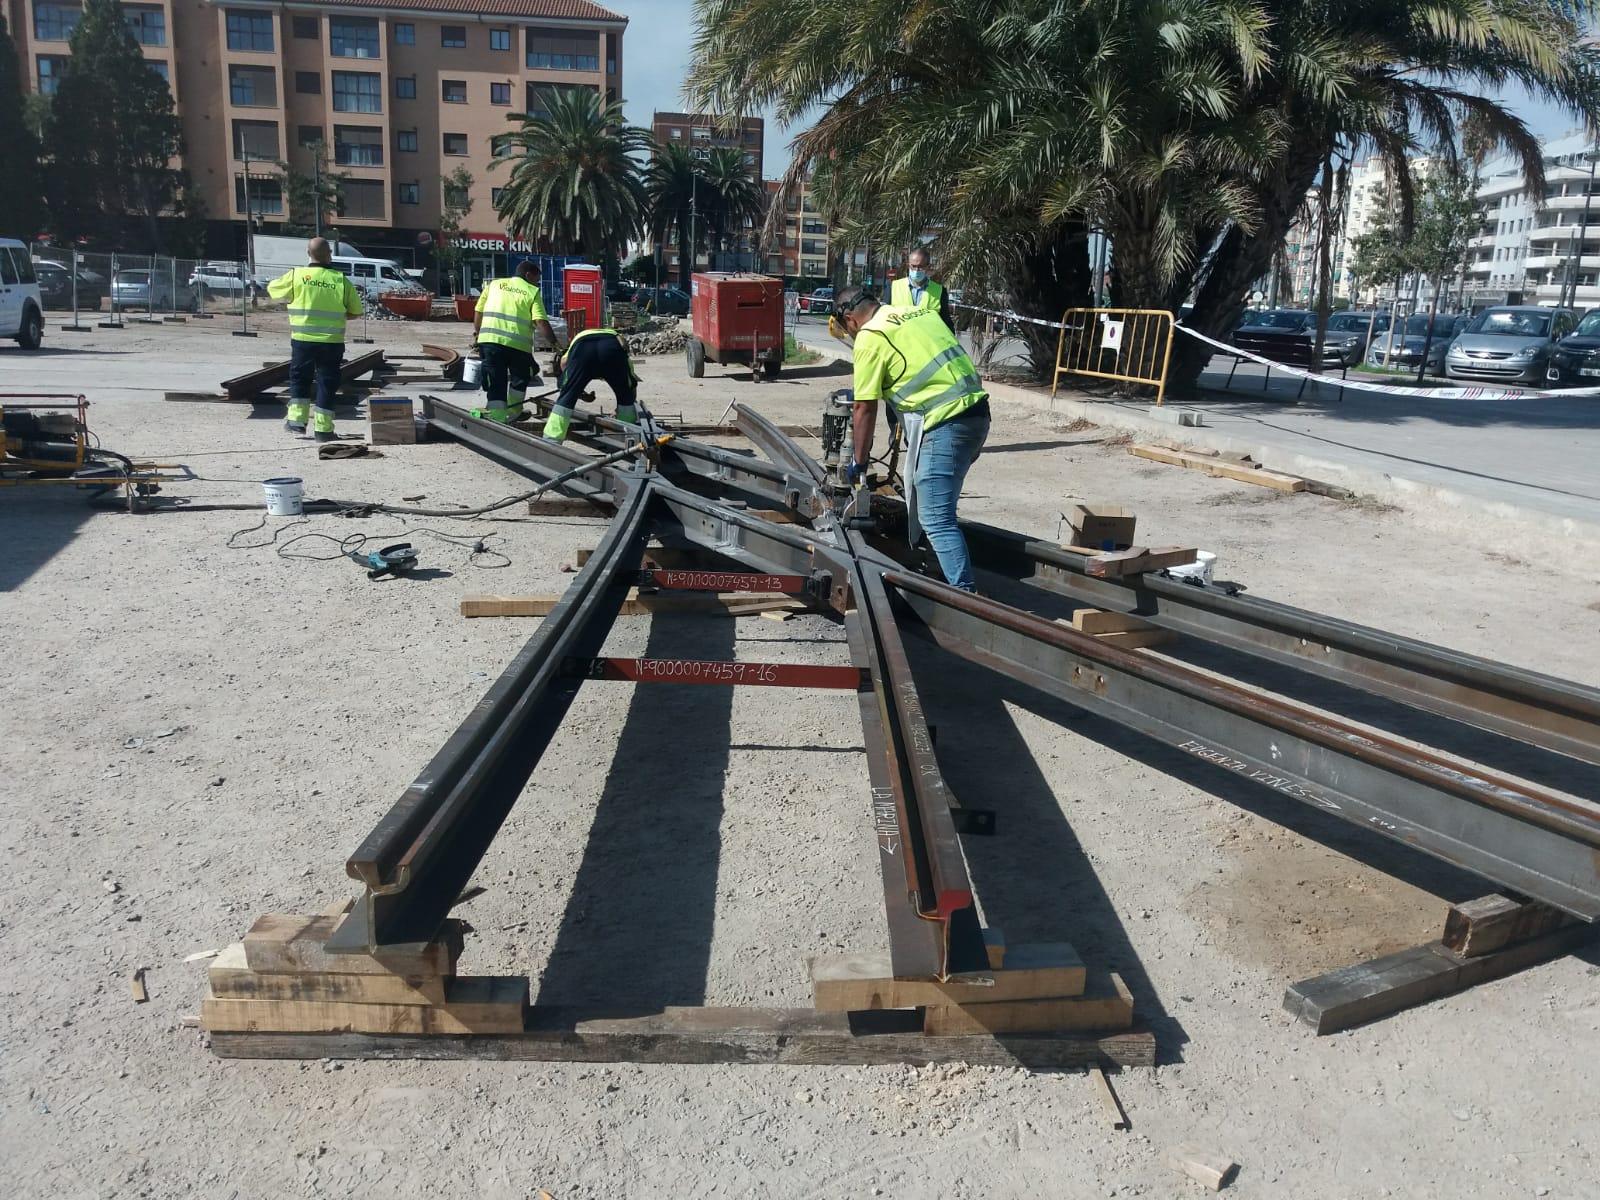 Ferrocarrils de la Generalitat realiza obras de renovación de vía en el tramo entre La Cadena y La Marina de las líneas 4 y 6 del tranvía